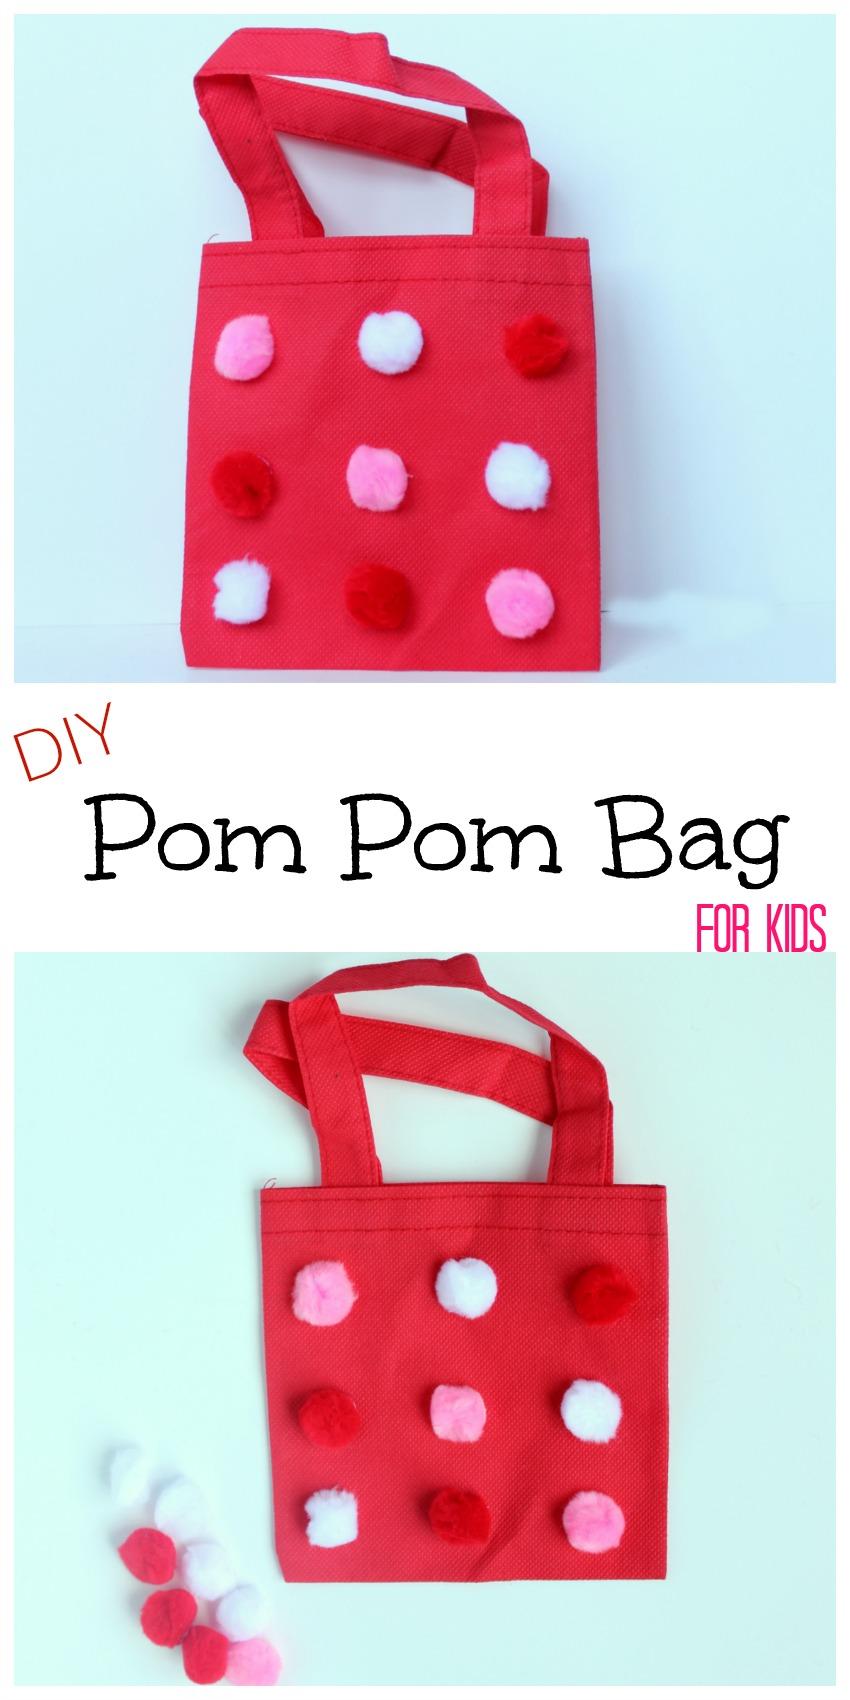 DIY Pom Pom Bag for Kids